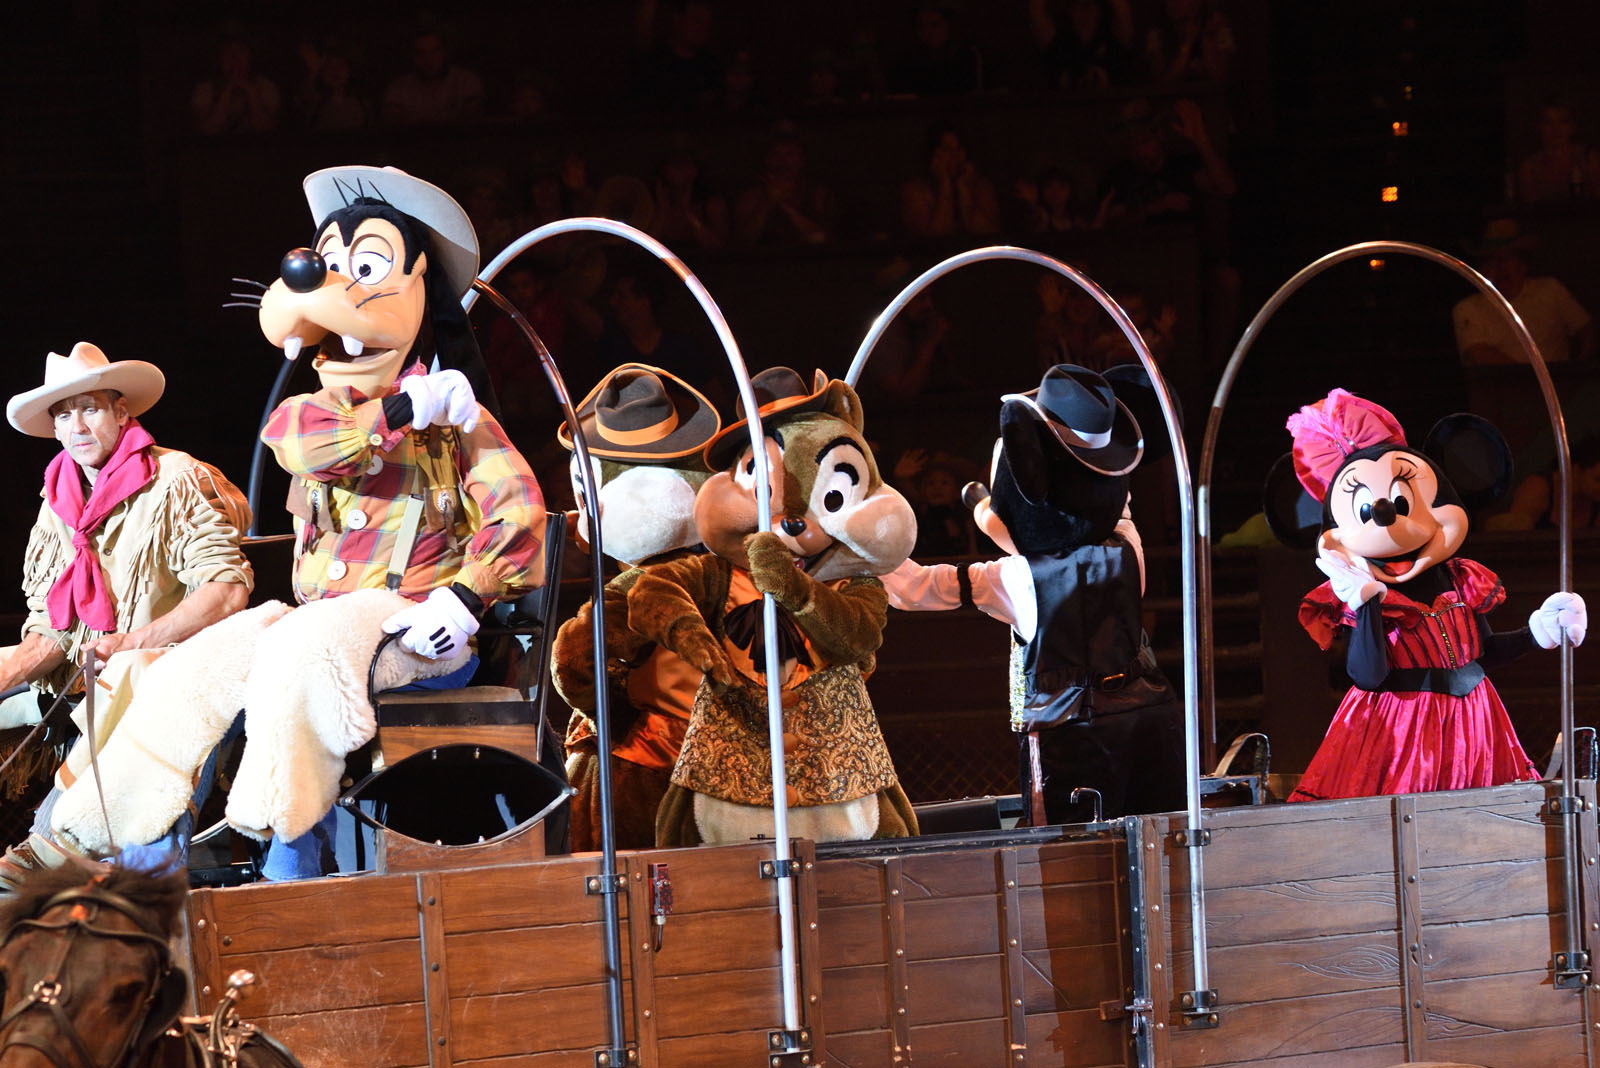 ディズニーランド・パリ ワイルド・ウエスト・ショー Disneyland Paris Wild West Show